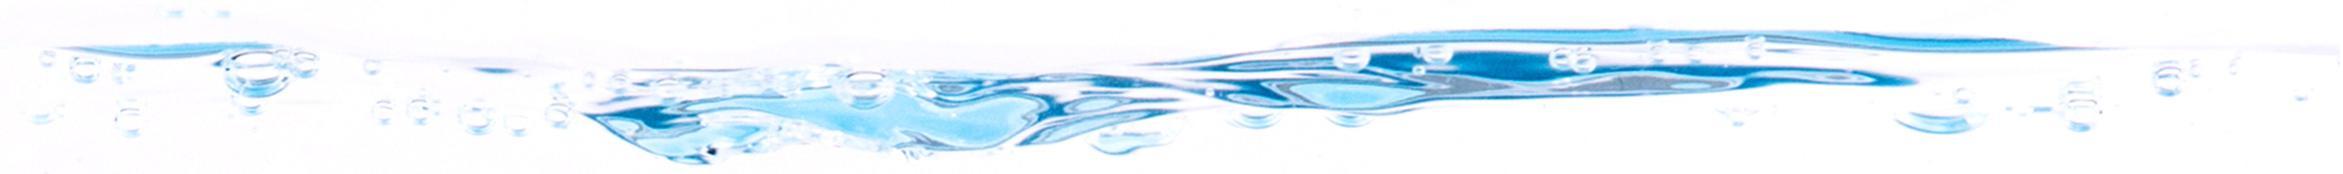 Otra imagen con agua